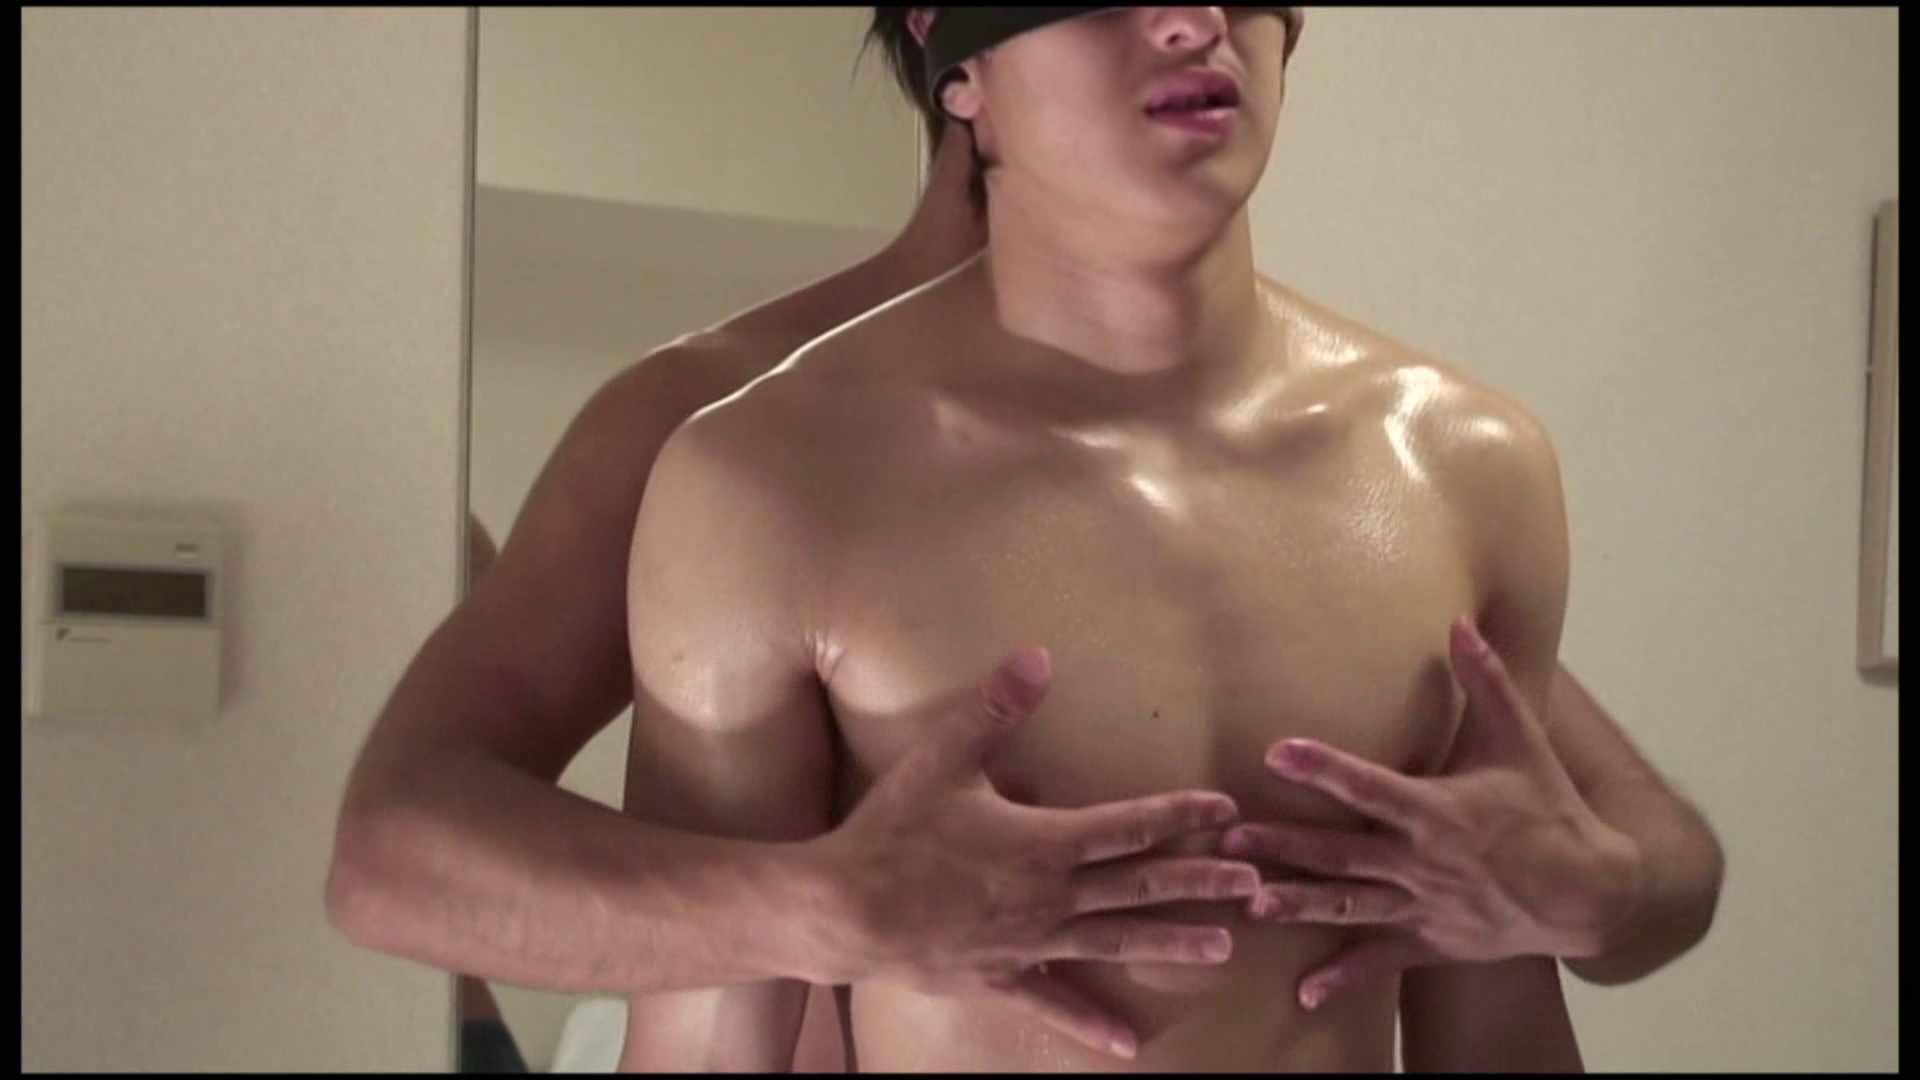 テカテカ筋肉、テカキン!この肉体美に触れてみたい・・・。 フェラ男子 ゲイアダルト画像 41連発 11